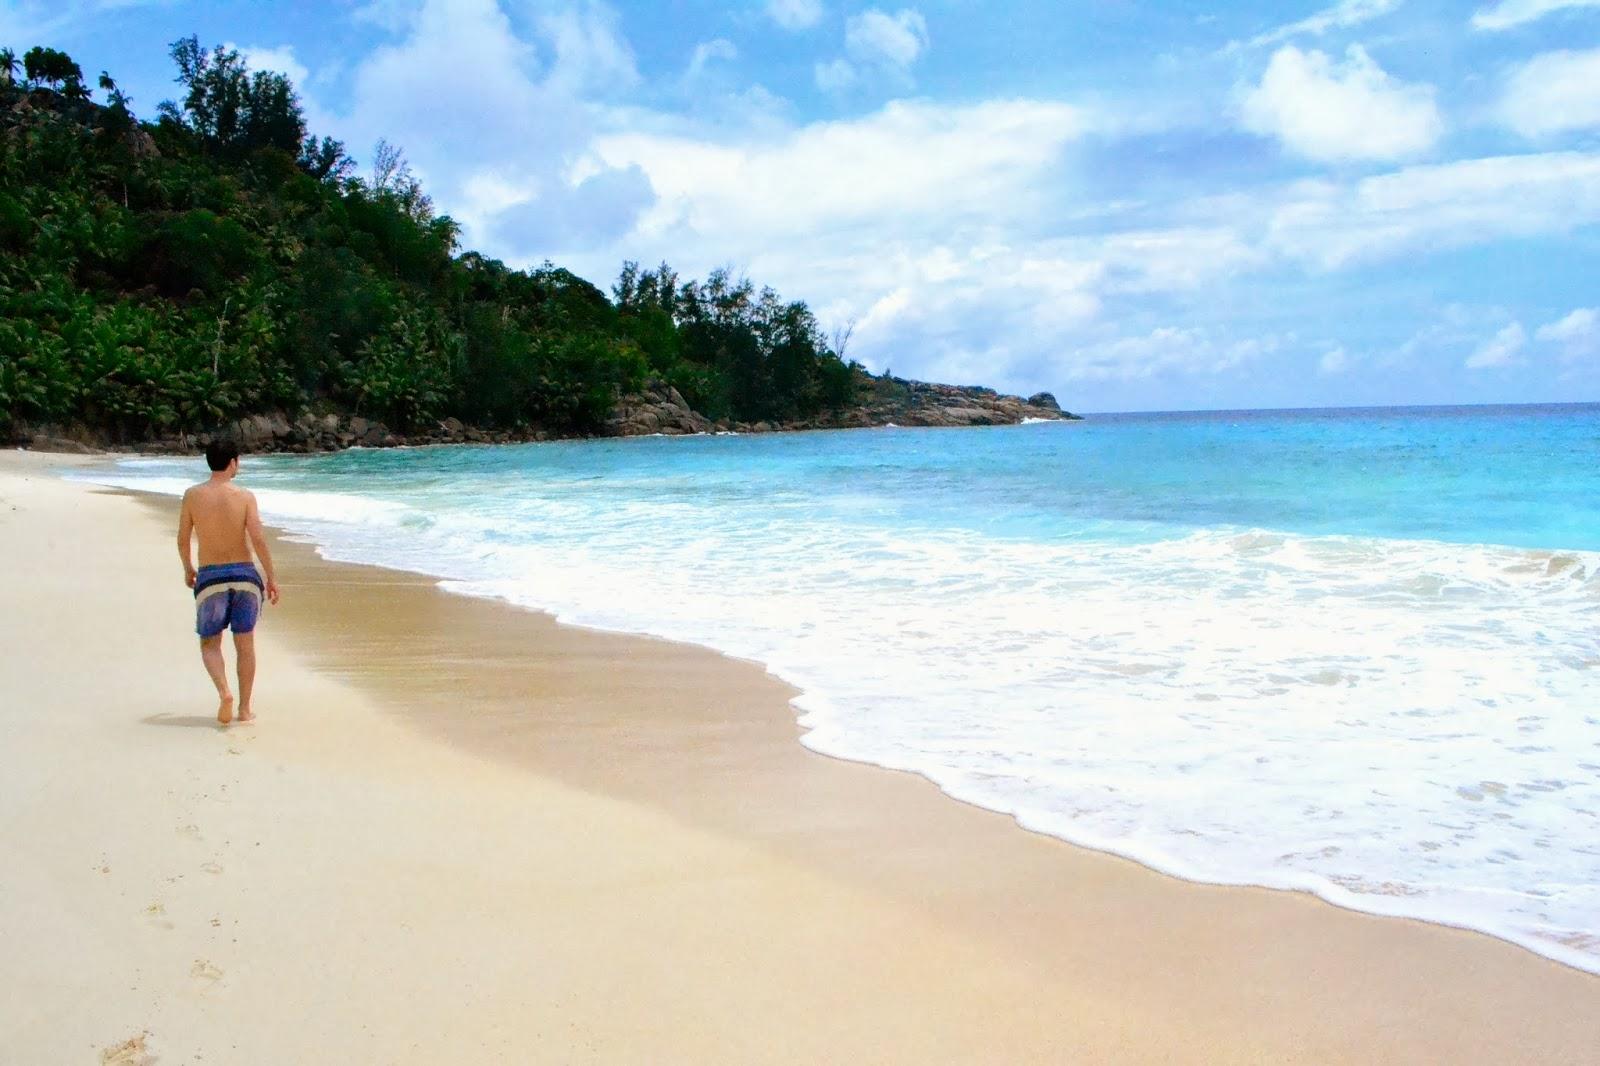 Una Semana En Seychelles Guia De Viaje A Golpe De Objetivo